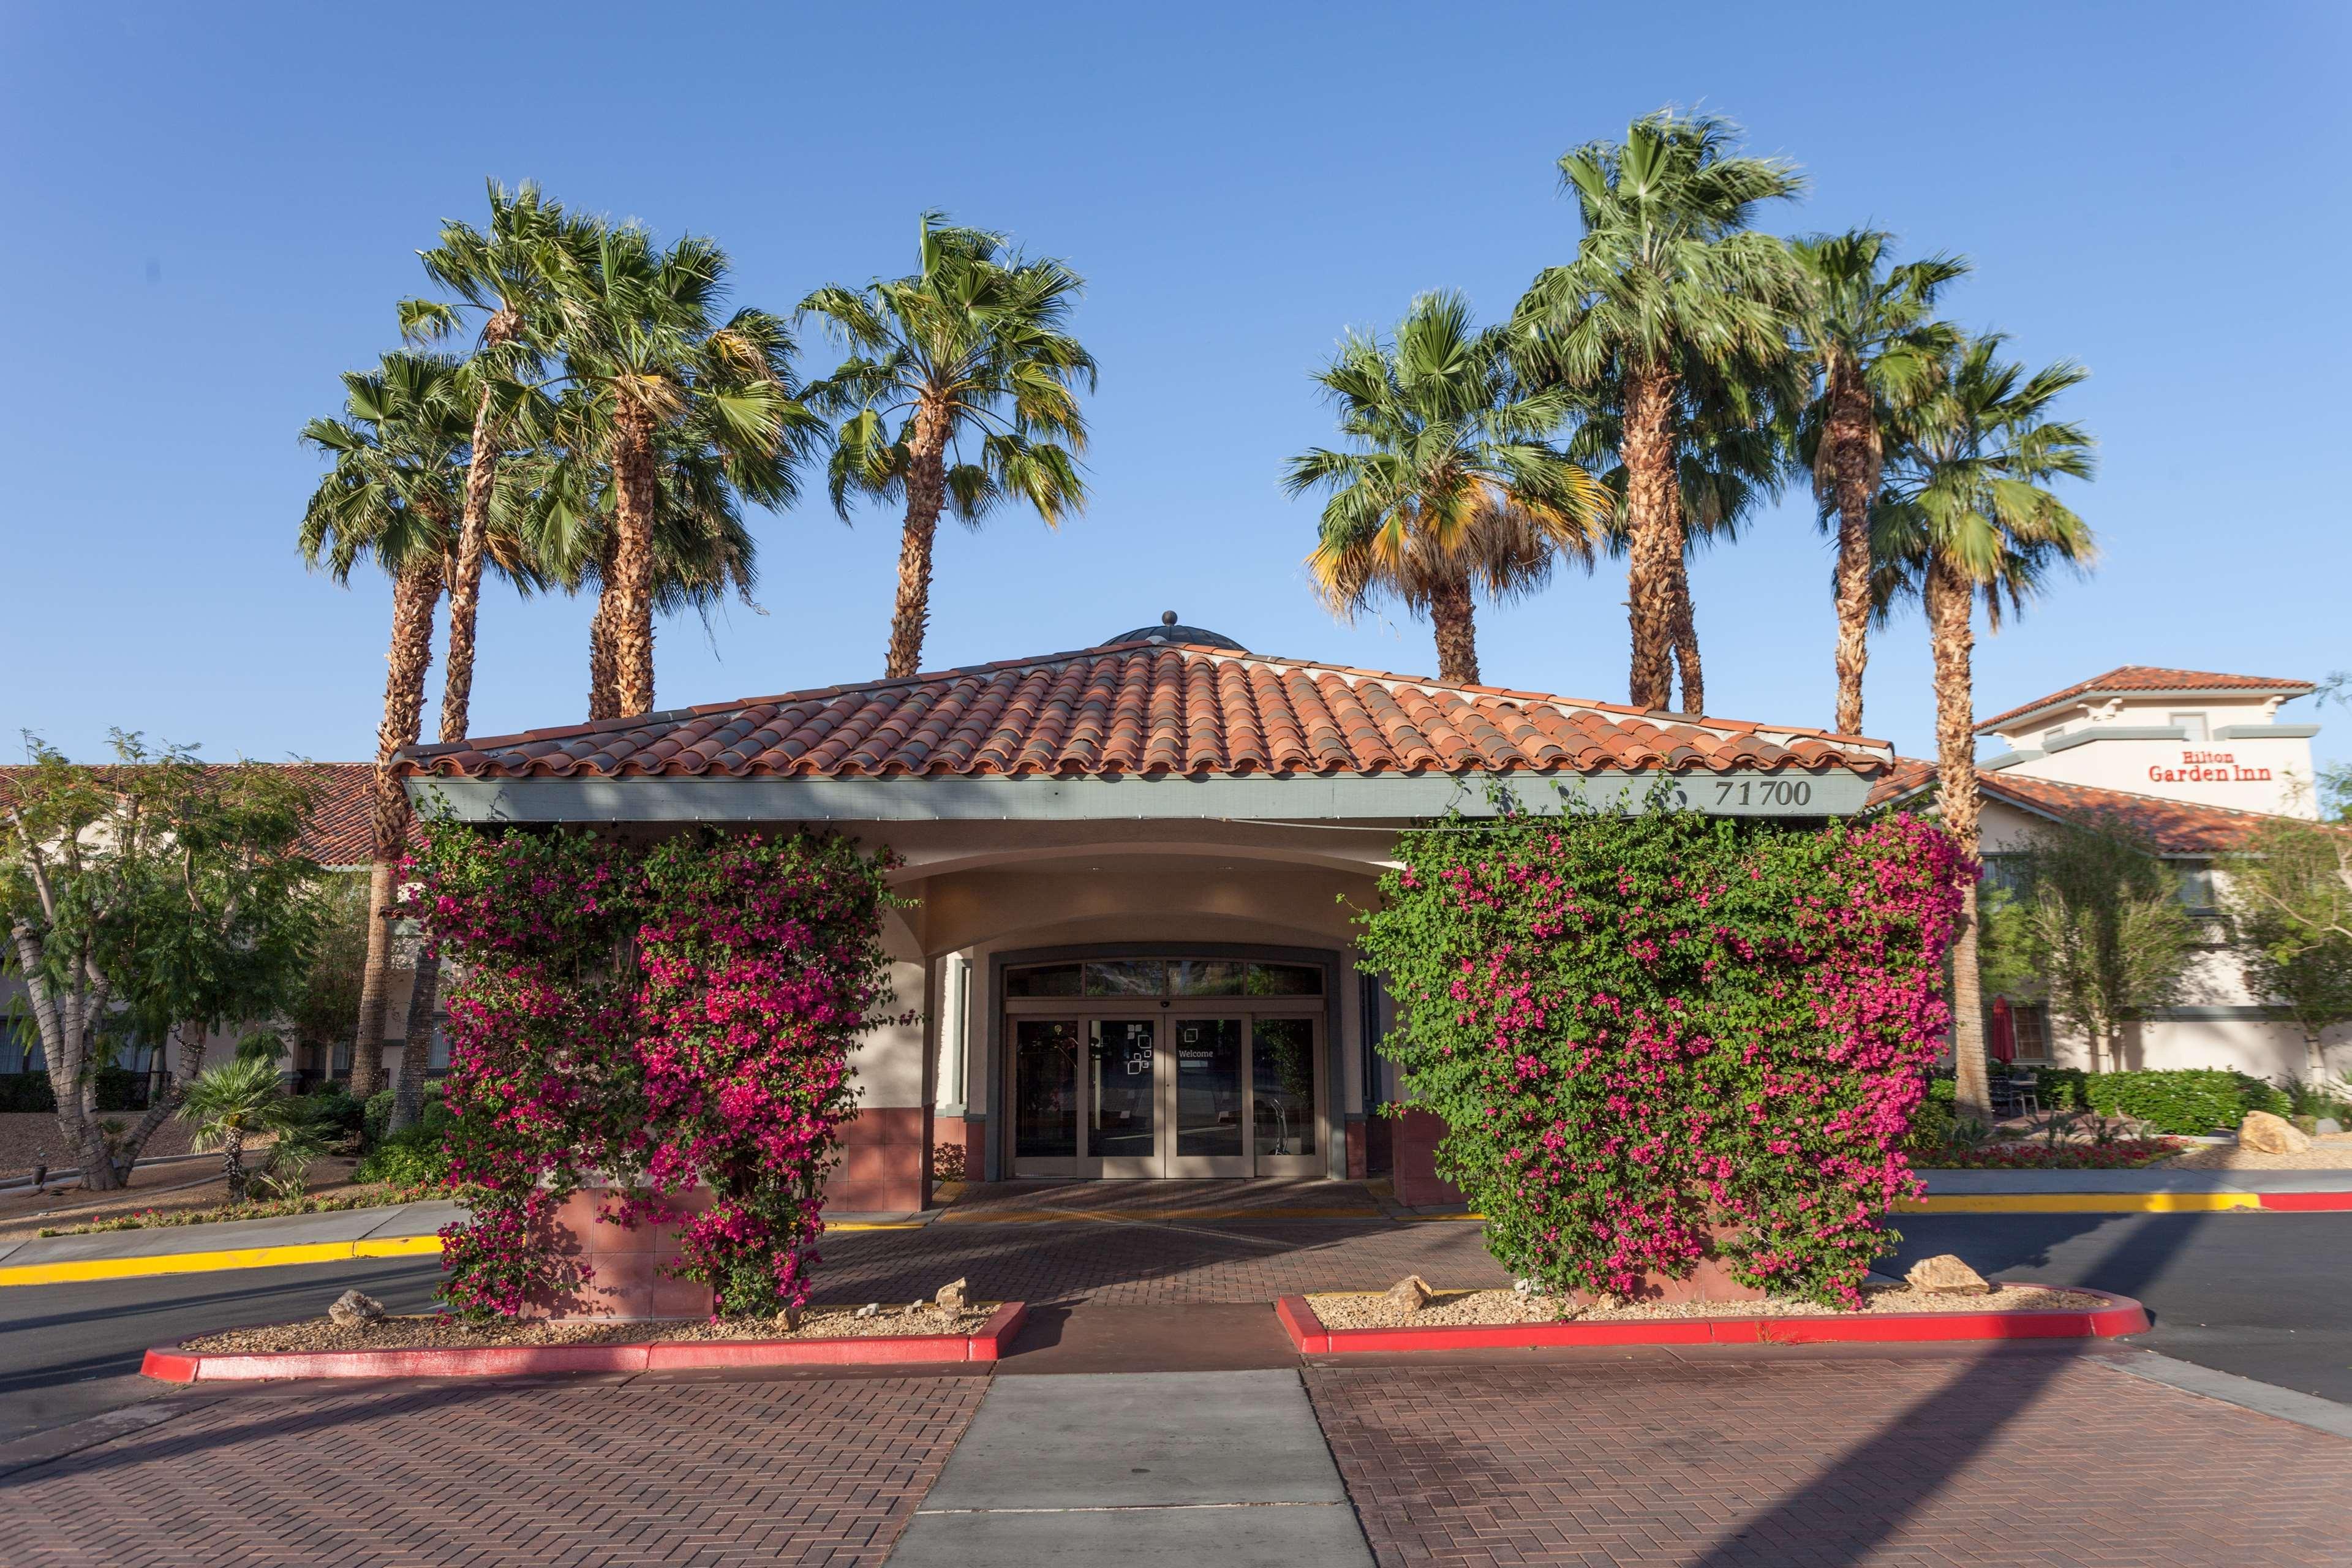 Hilton Garden Inn Palm Springs/Rancho Mirage image 2